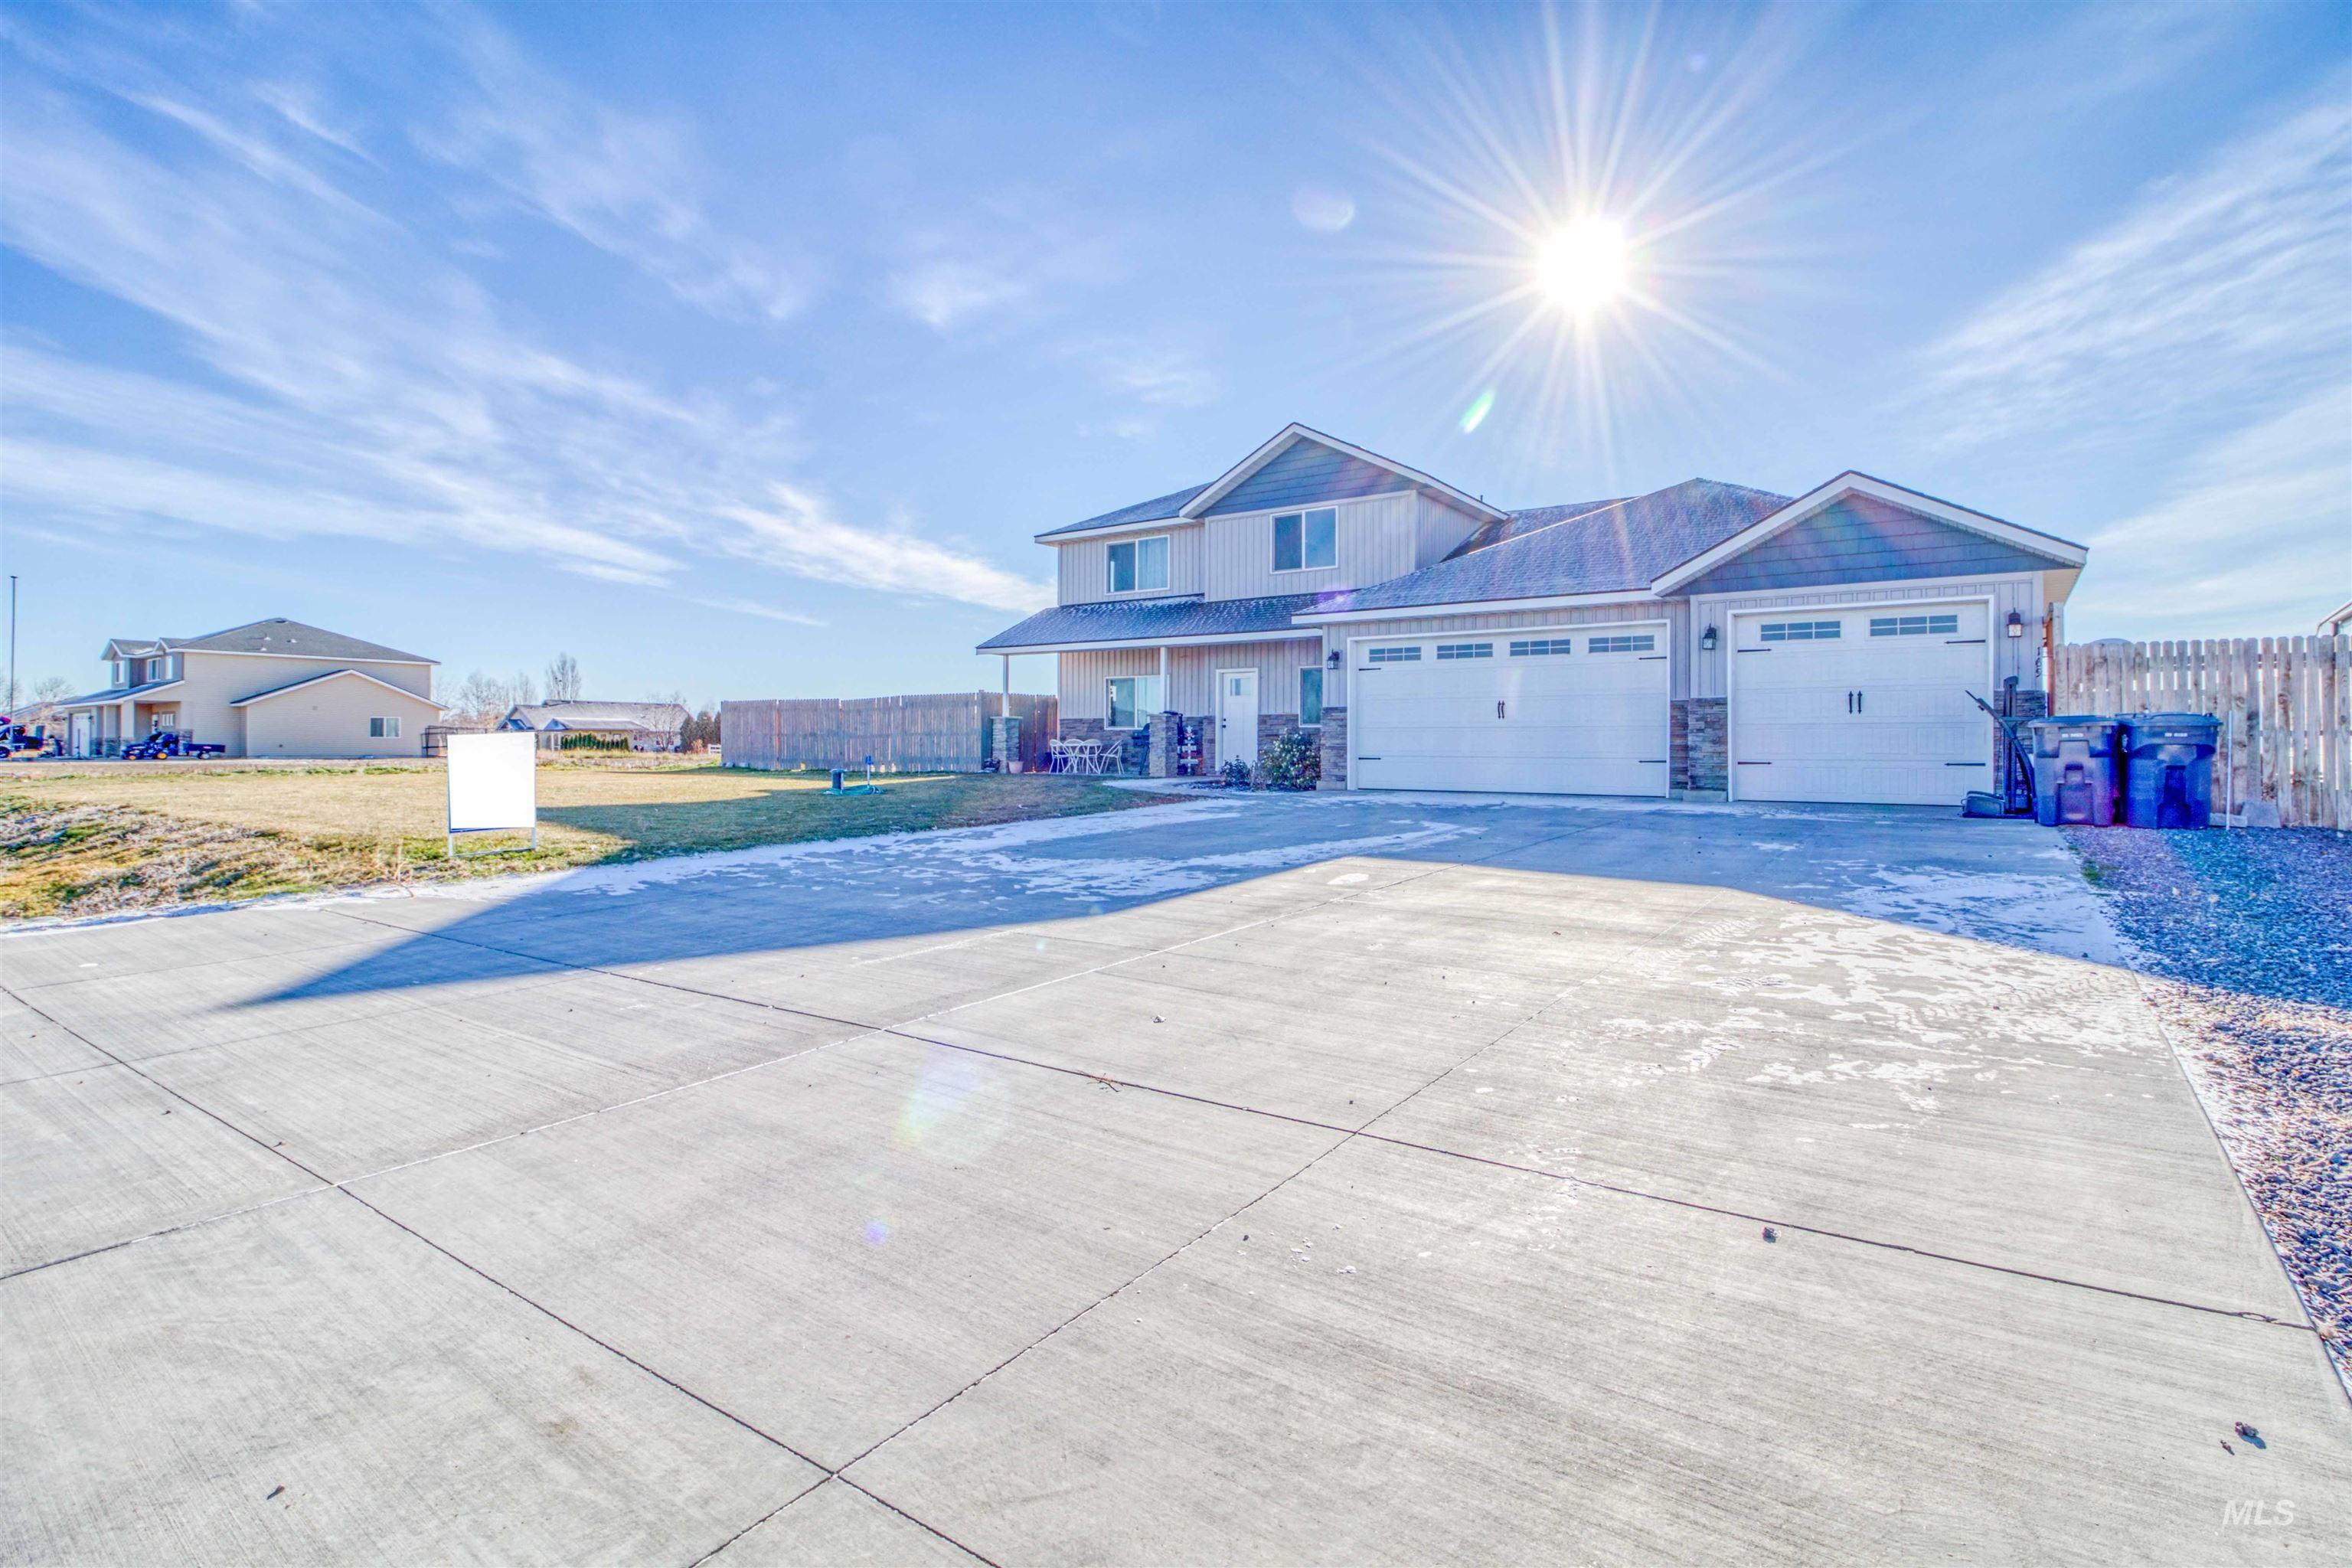 169 W 38 S Property Photo 1